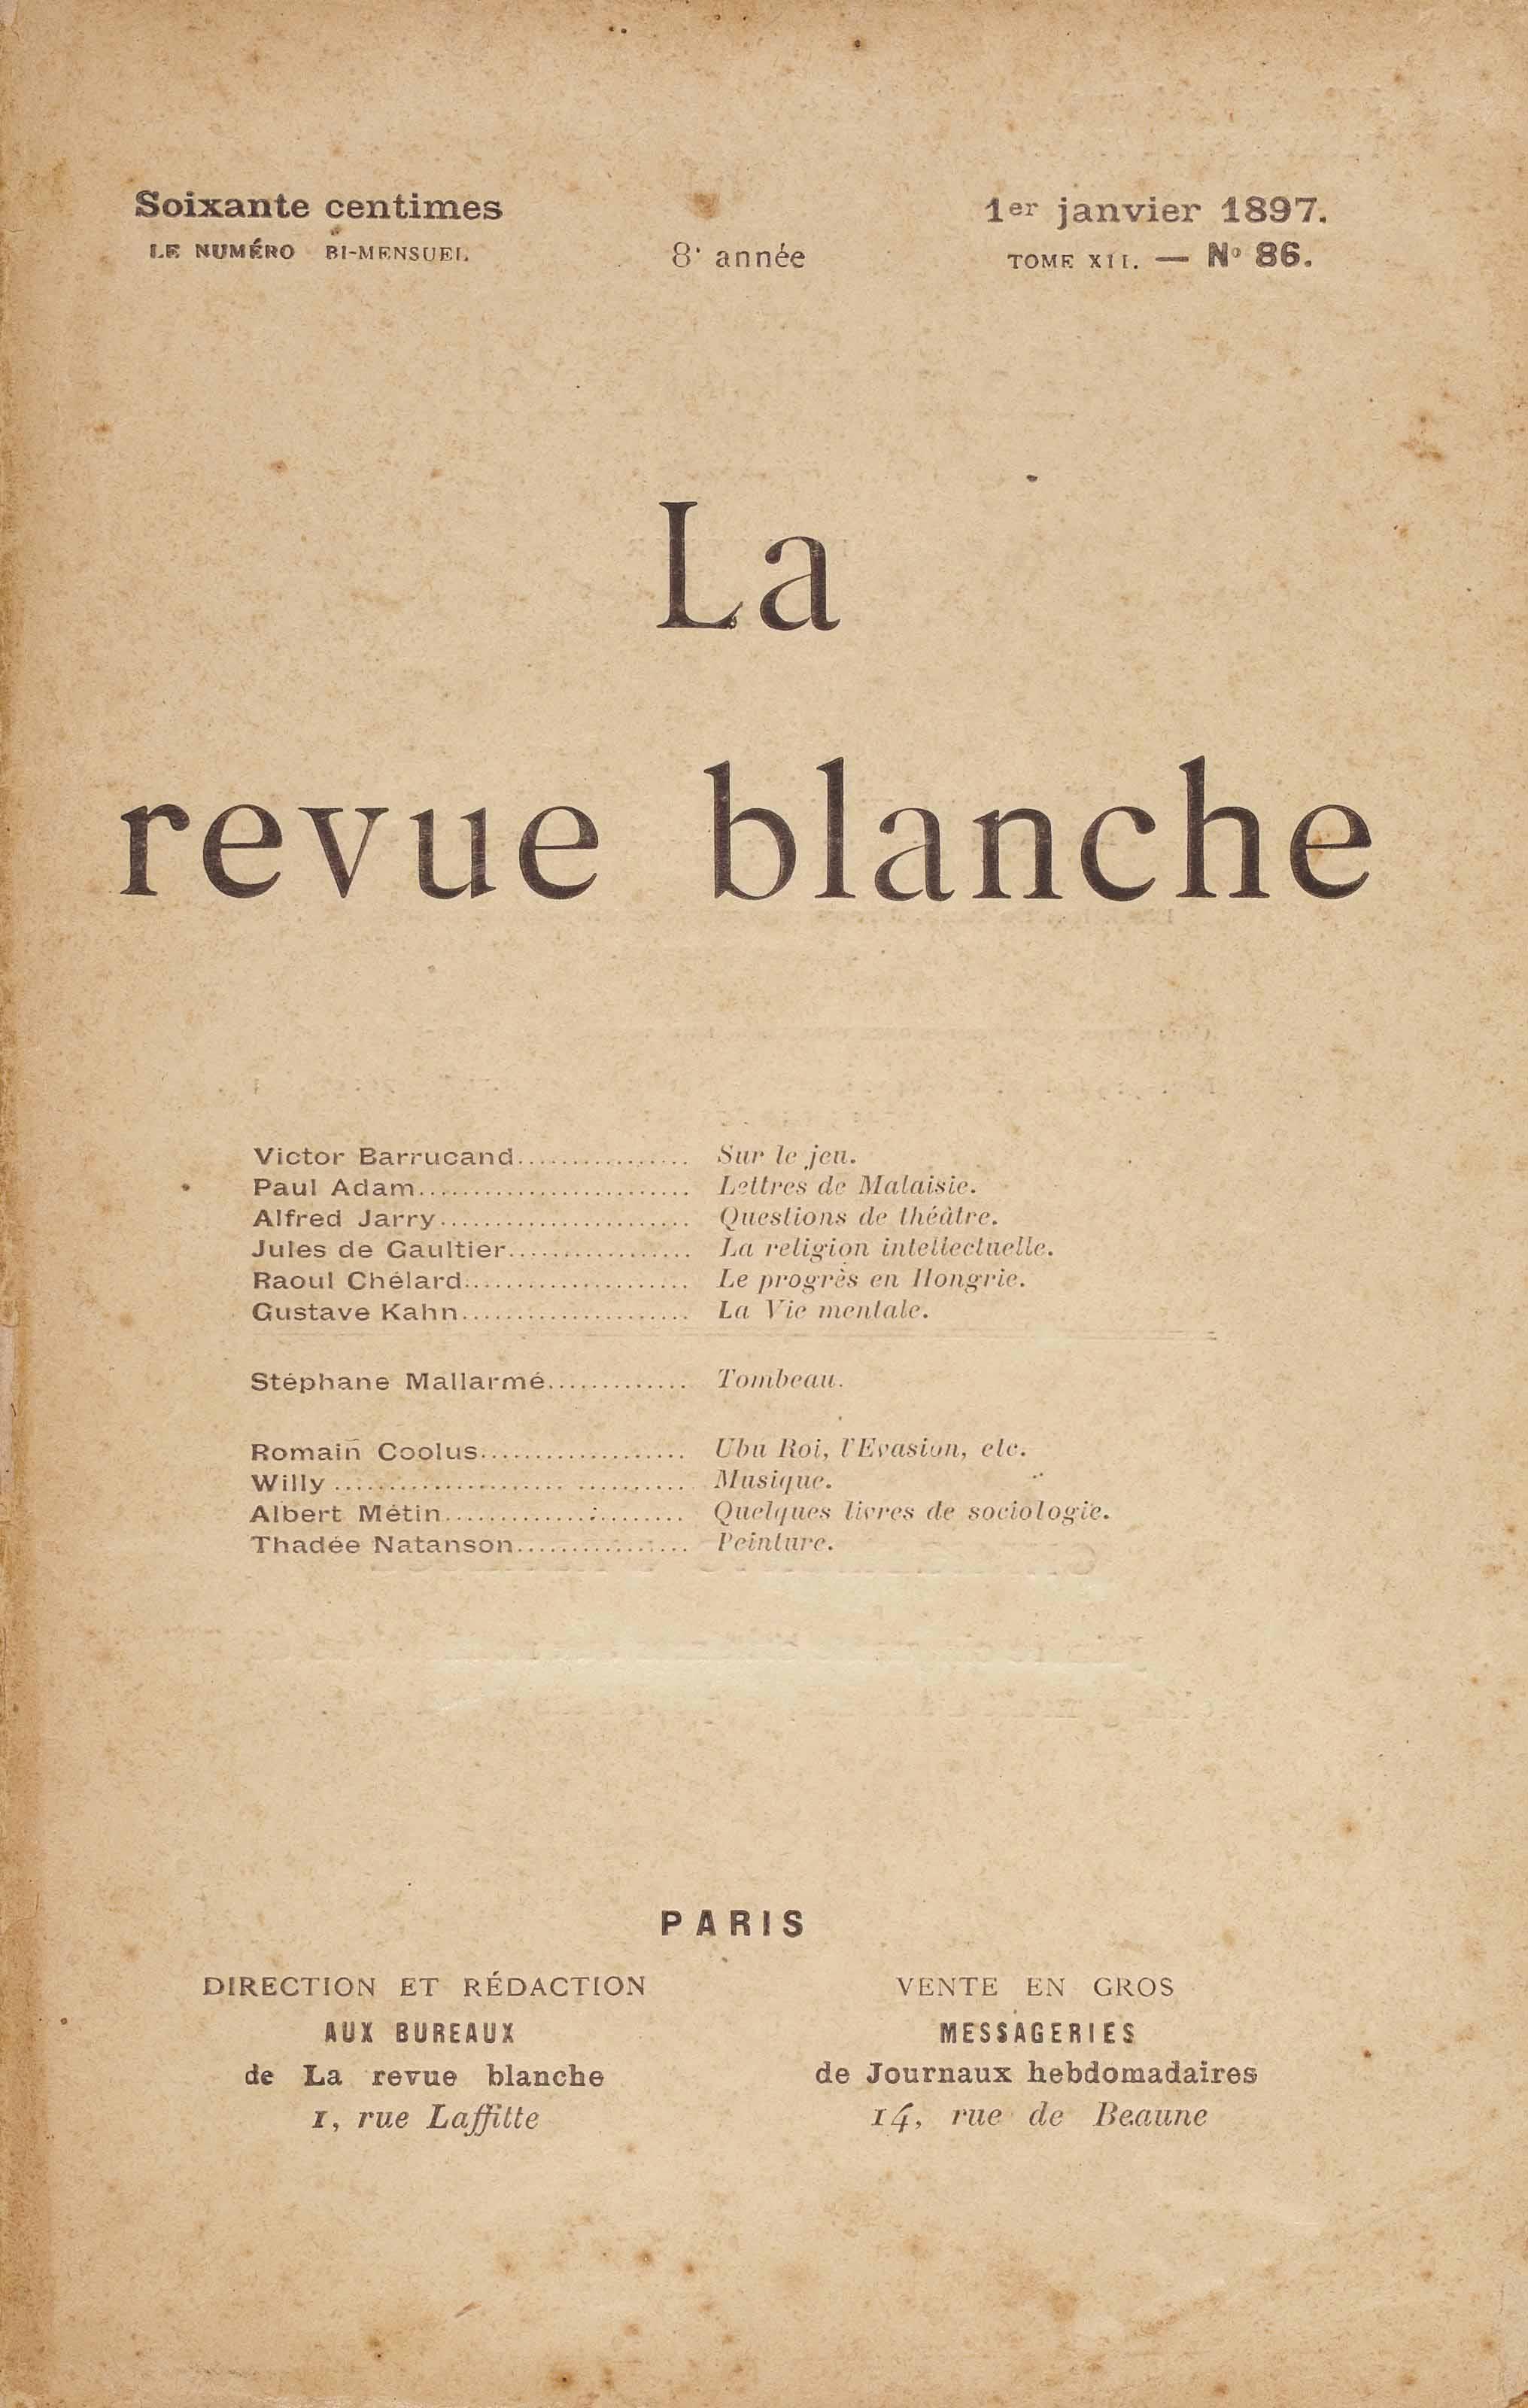 Stéphane MALLARMÉ. Le Tombeau